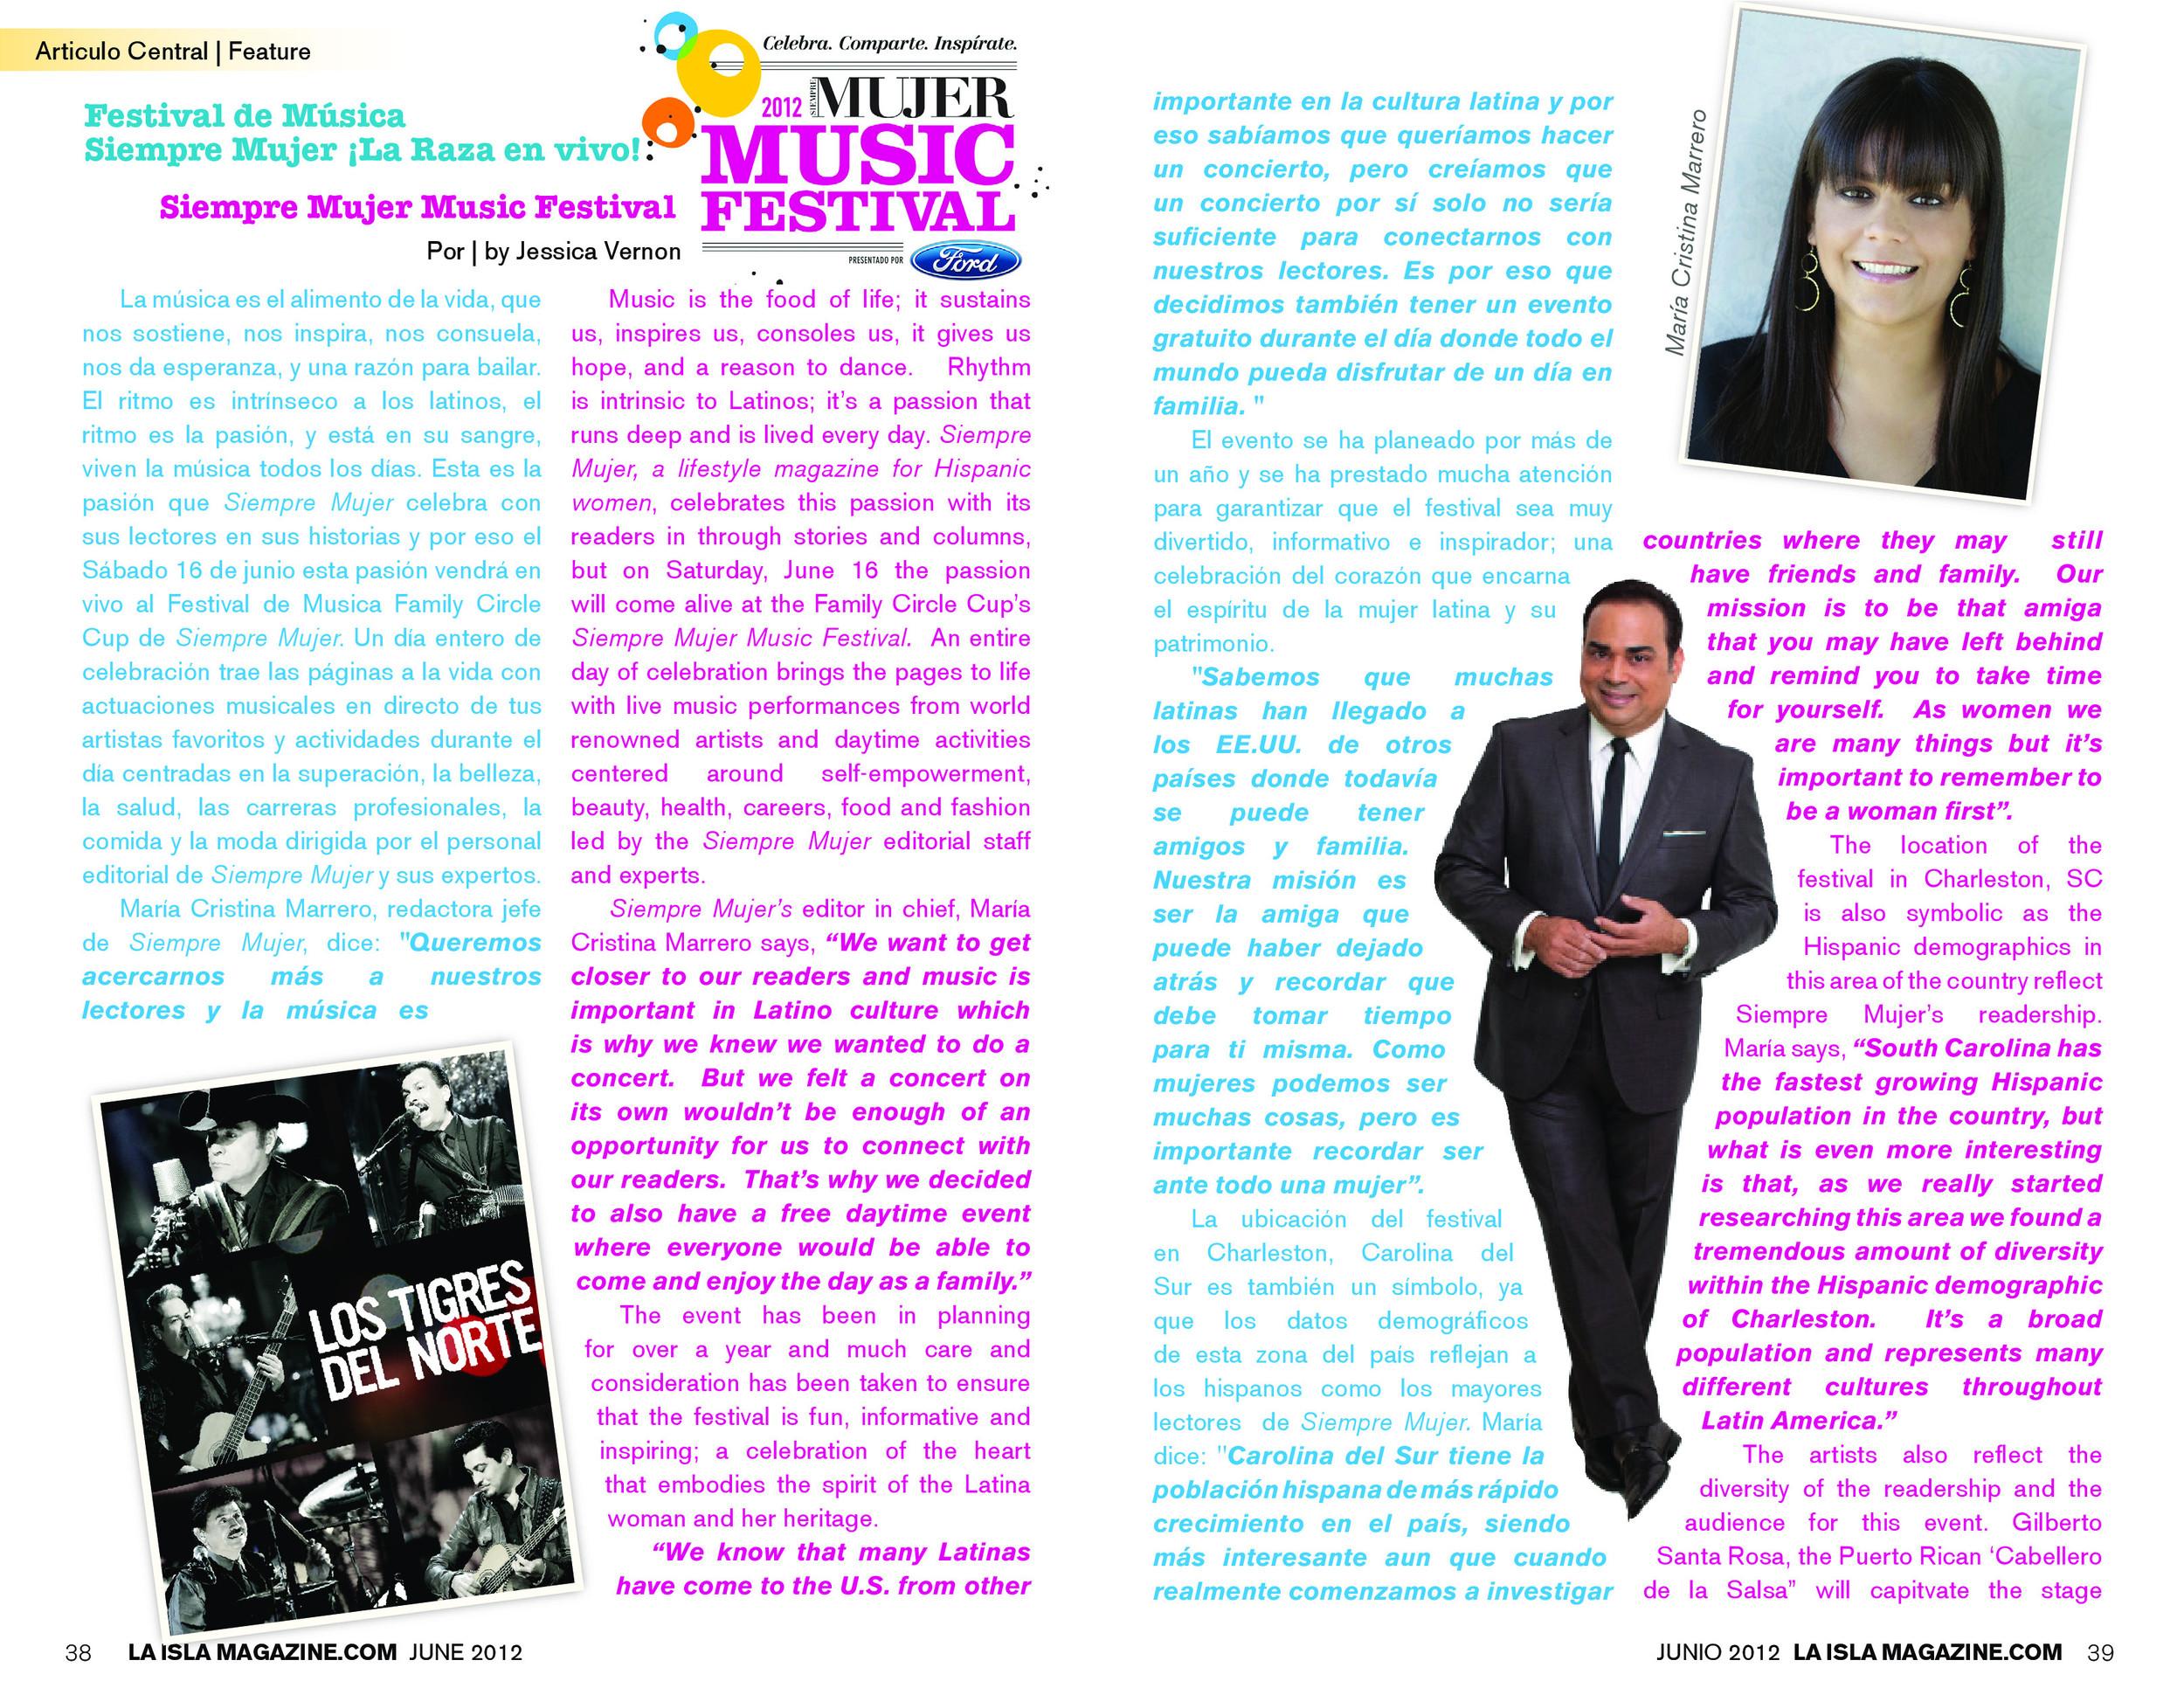 Junio, 2012: Simply Mujer Music Festival